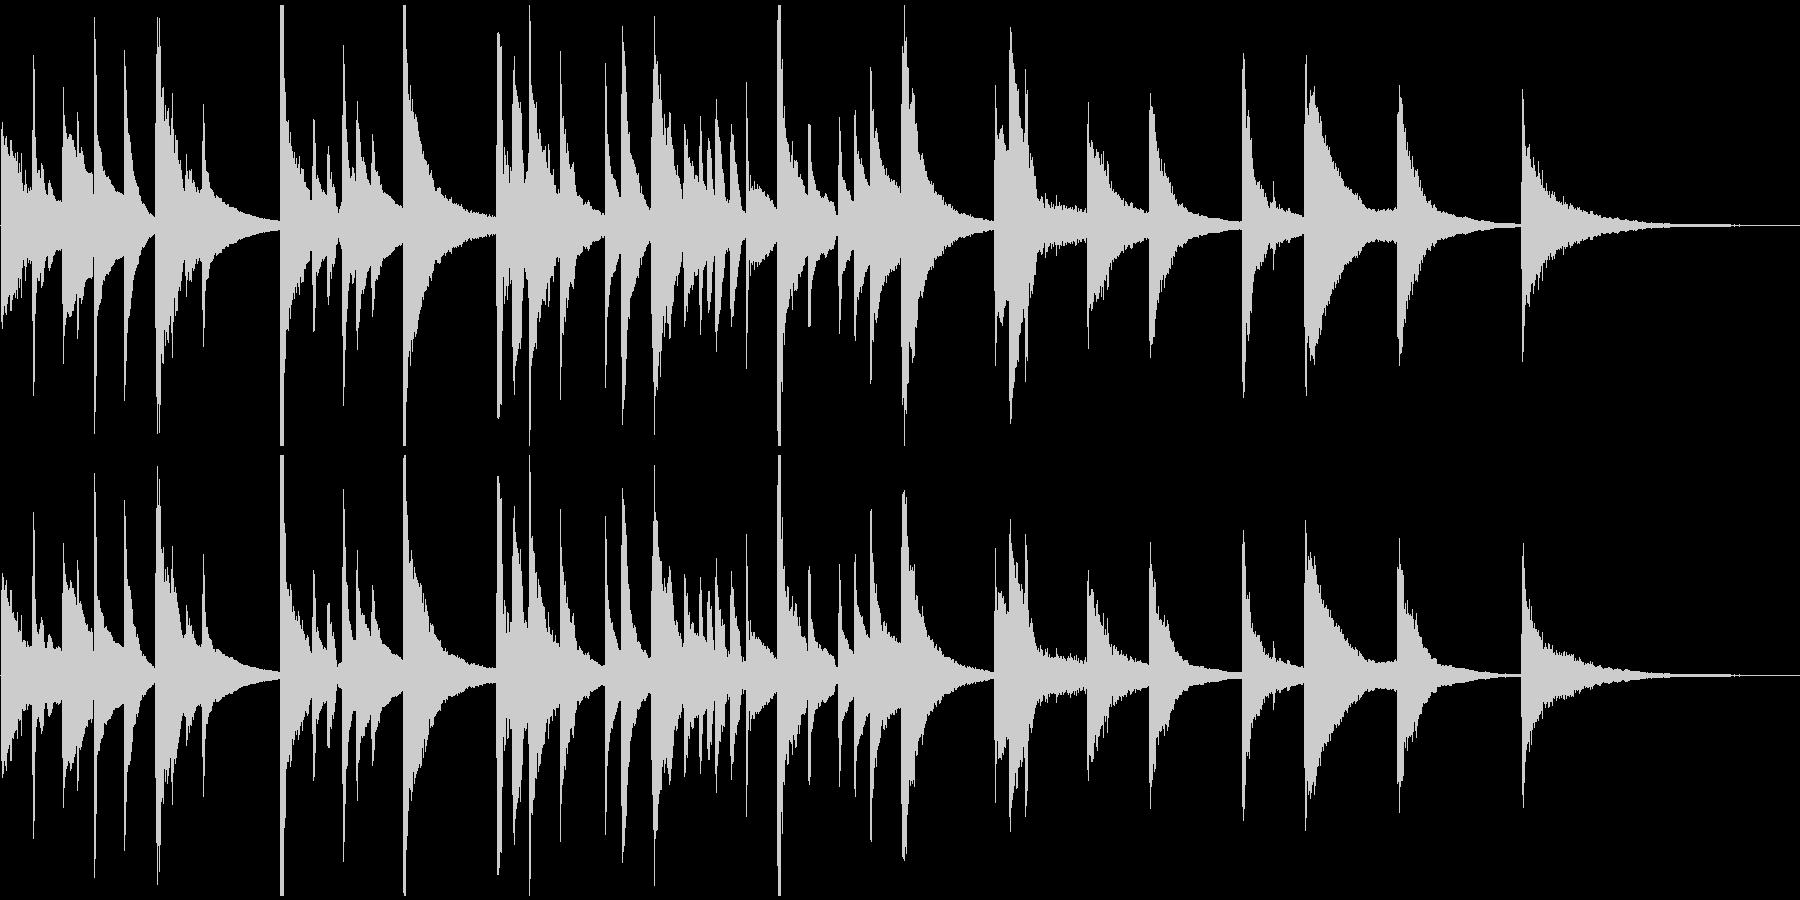 アコギとスチールギターのBGMの未再生の波形